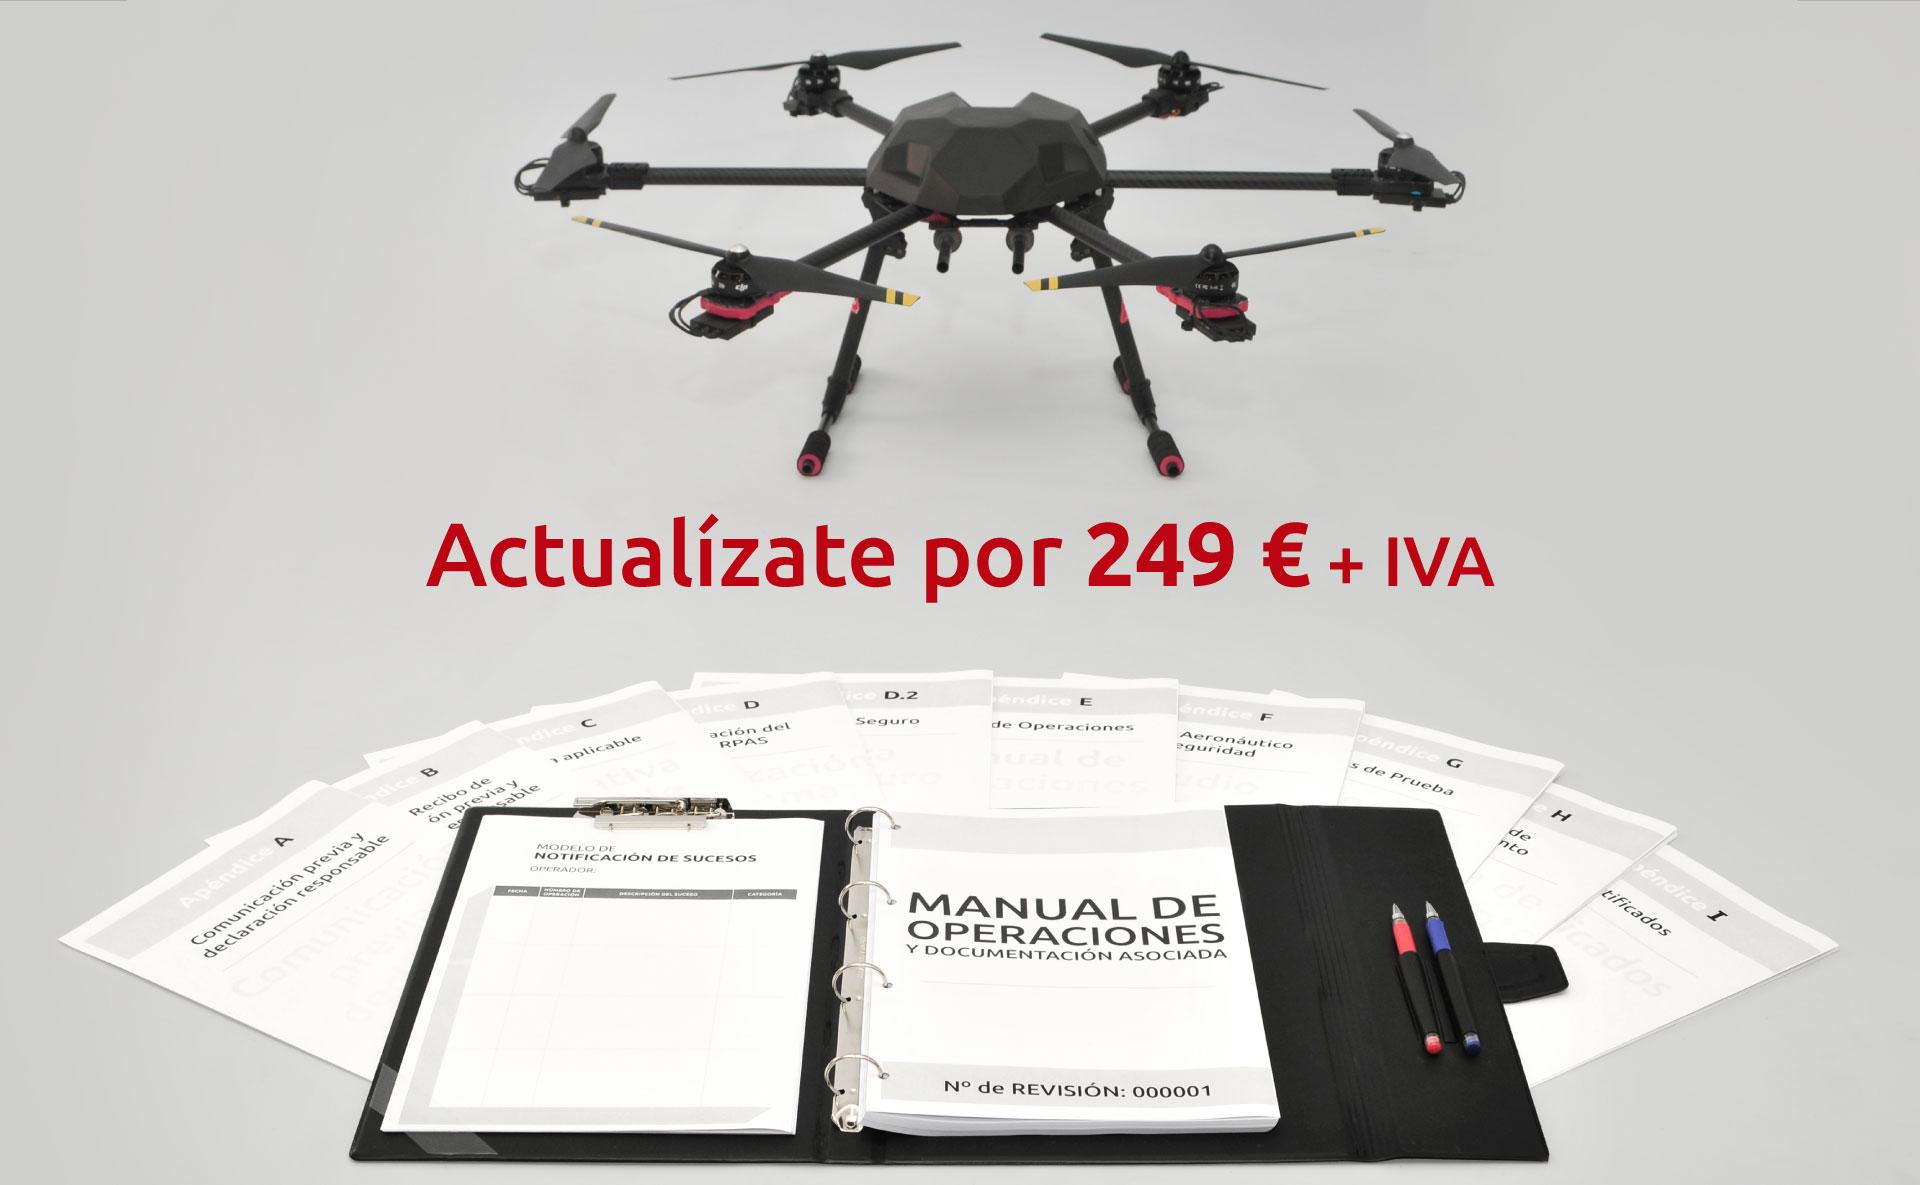 Actualizate por 249€ + IVA